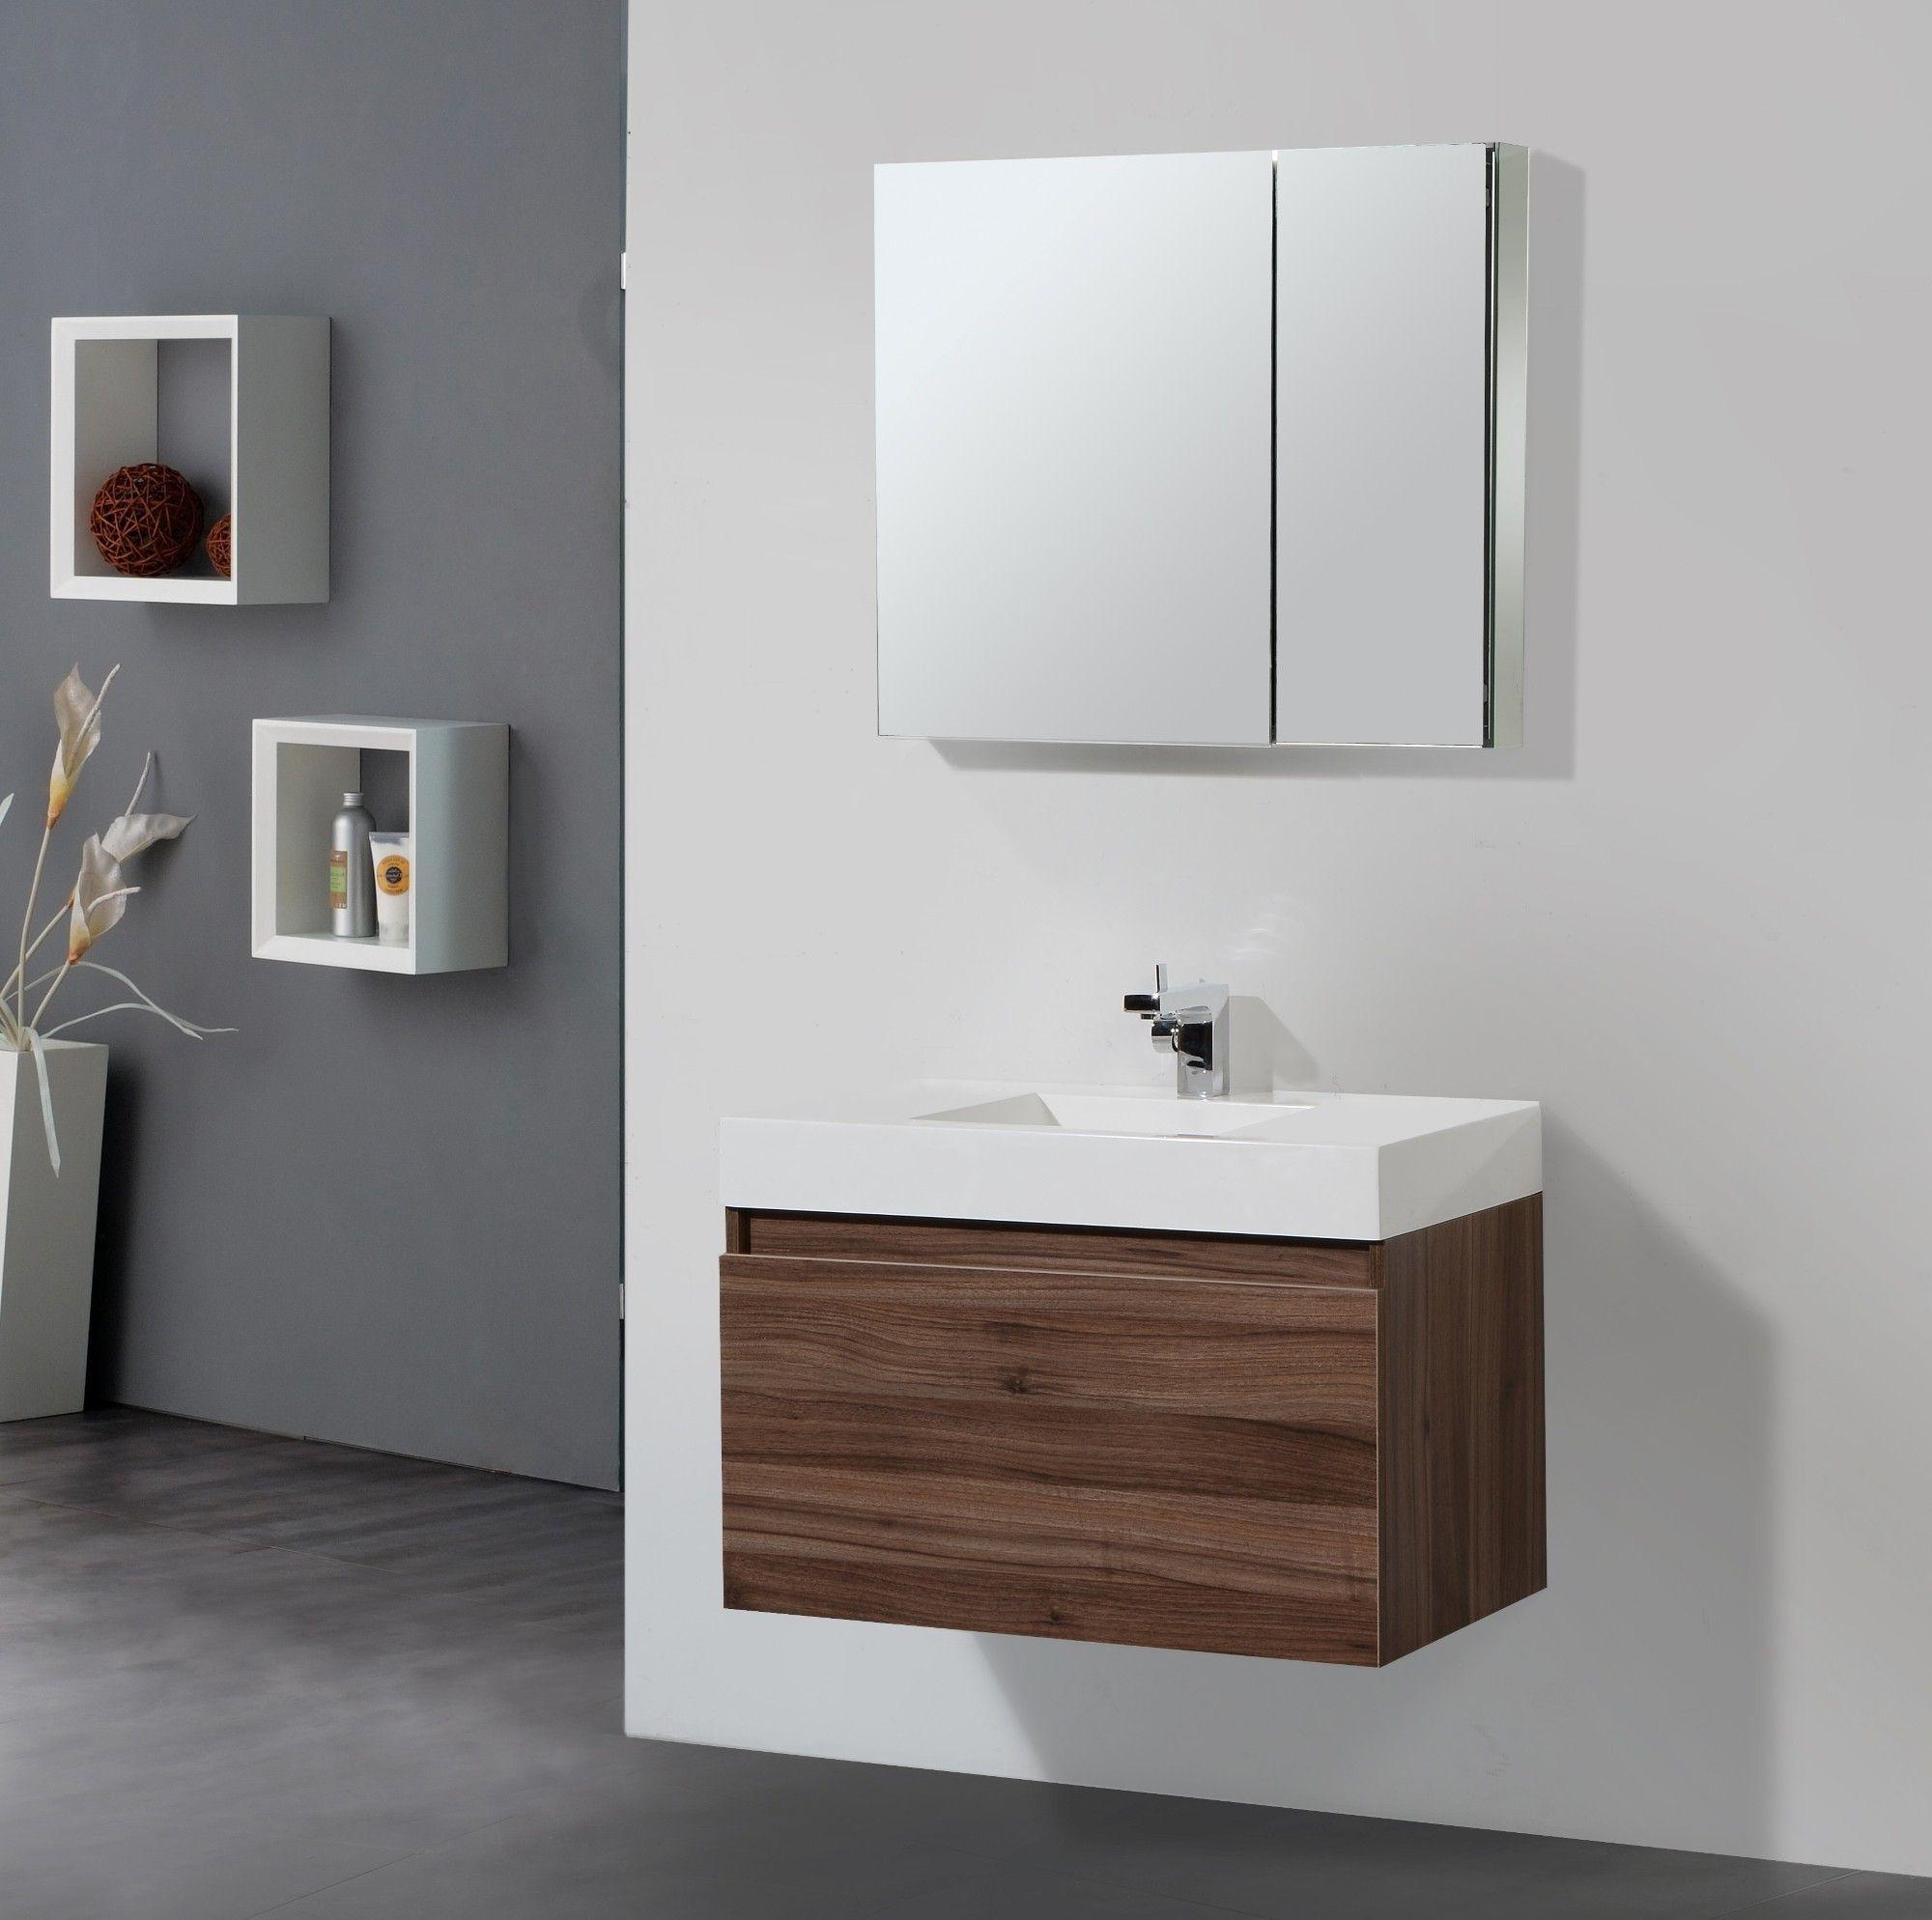 Solid Wood Bathroom Vanities And Modern Floating Brown Wooden